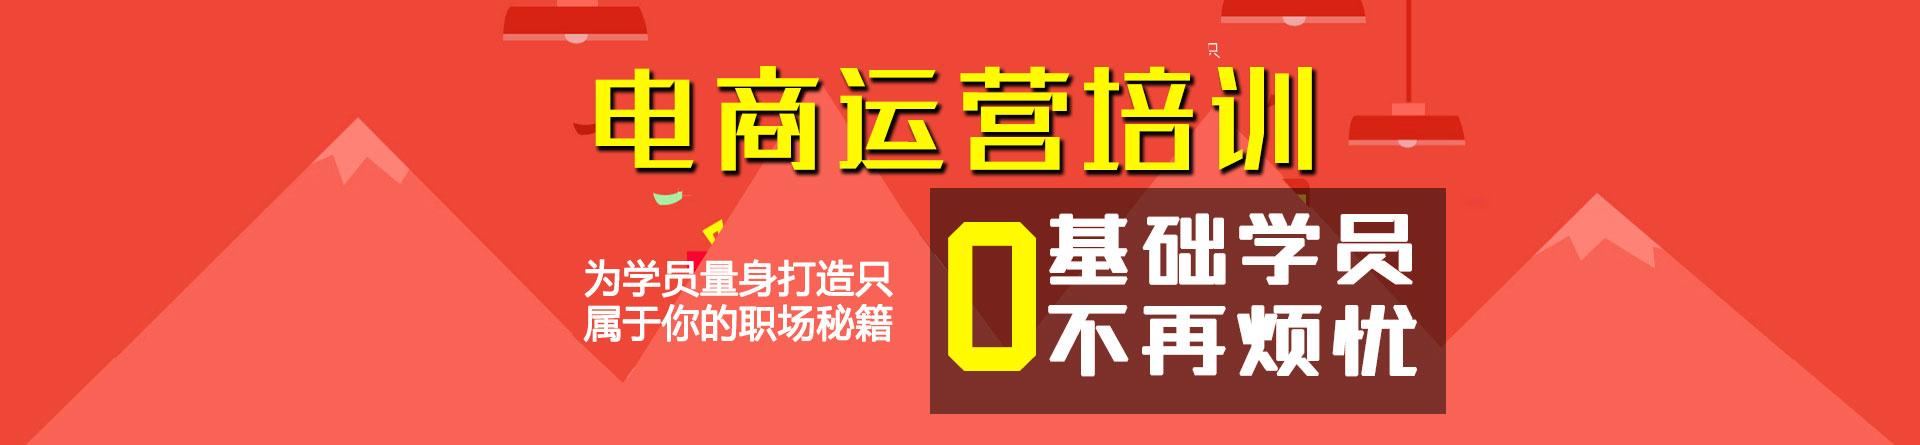 郑州易商务教育